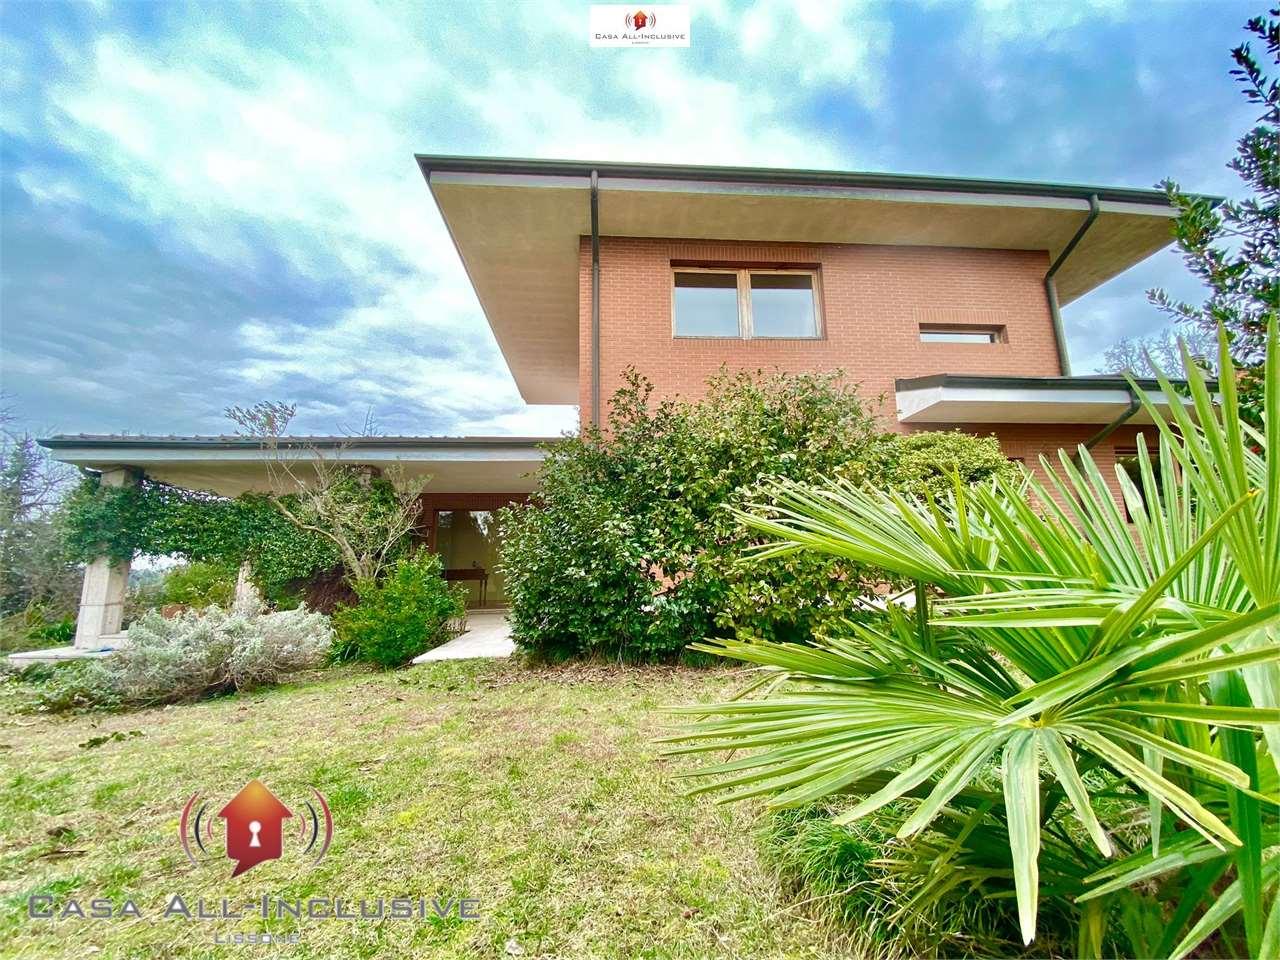 Vendita Quadrilocale Appartamento Arcore via Tiziano Vecellio  232562